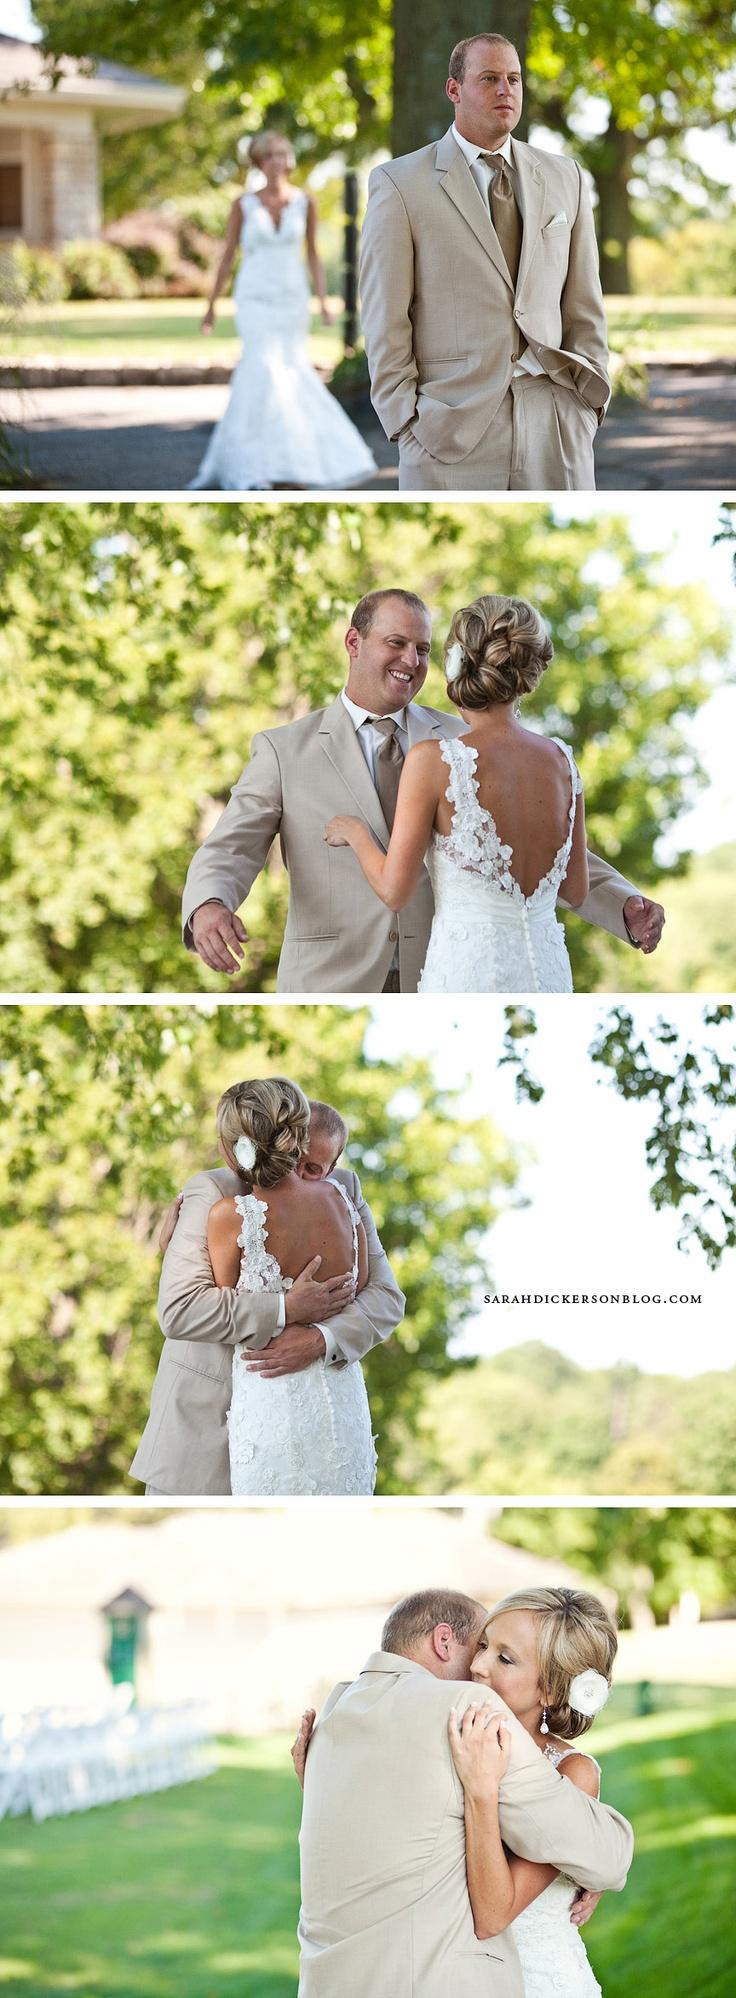 Beautiful hair: Wedding Dressses, Kansas City Wedding, Wedding Dresses, The Dress, Reveal Photo, Gorgeous Dress, Beautiful Hair, Tux Colors